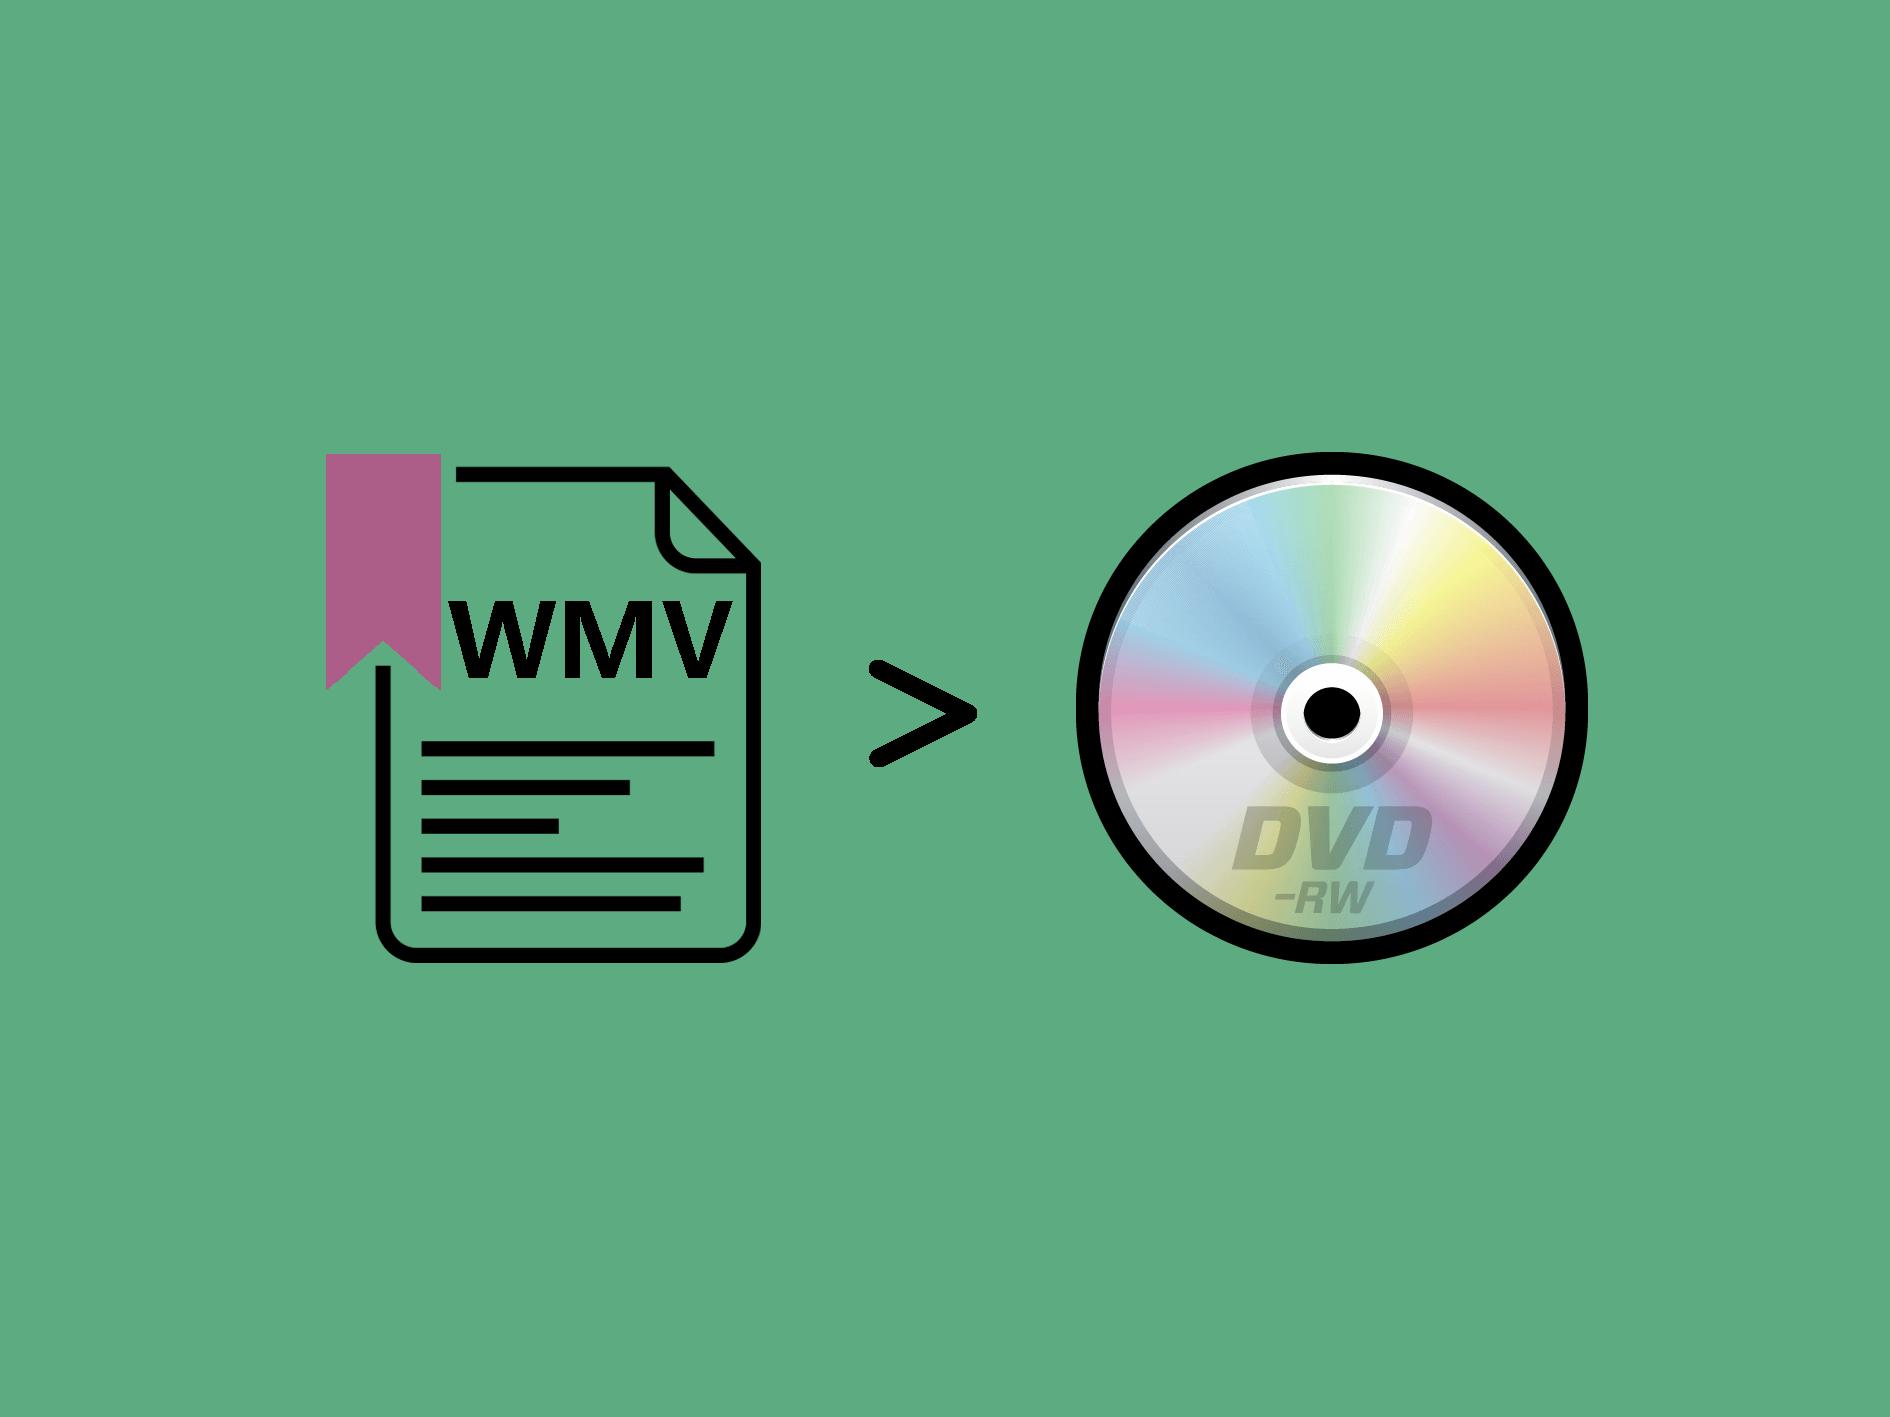 WMVビデオをDVDディスクに変換して書き込む方法